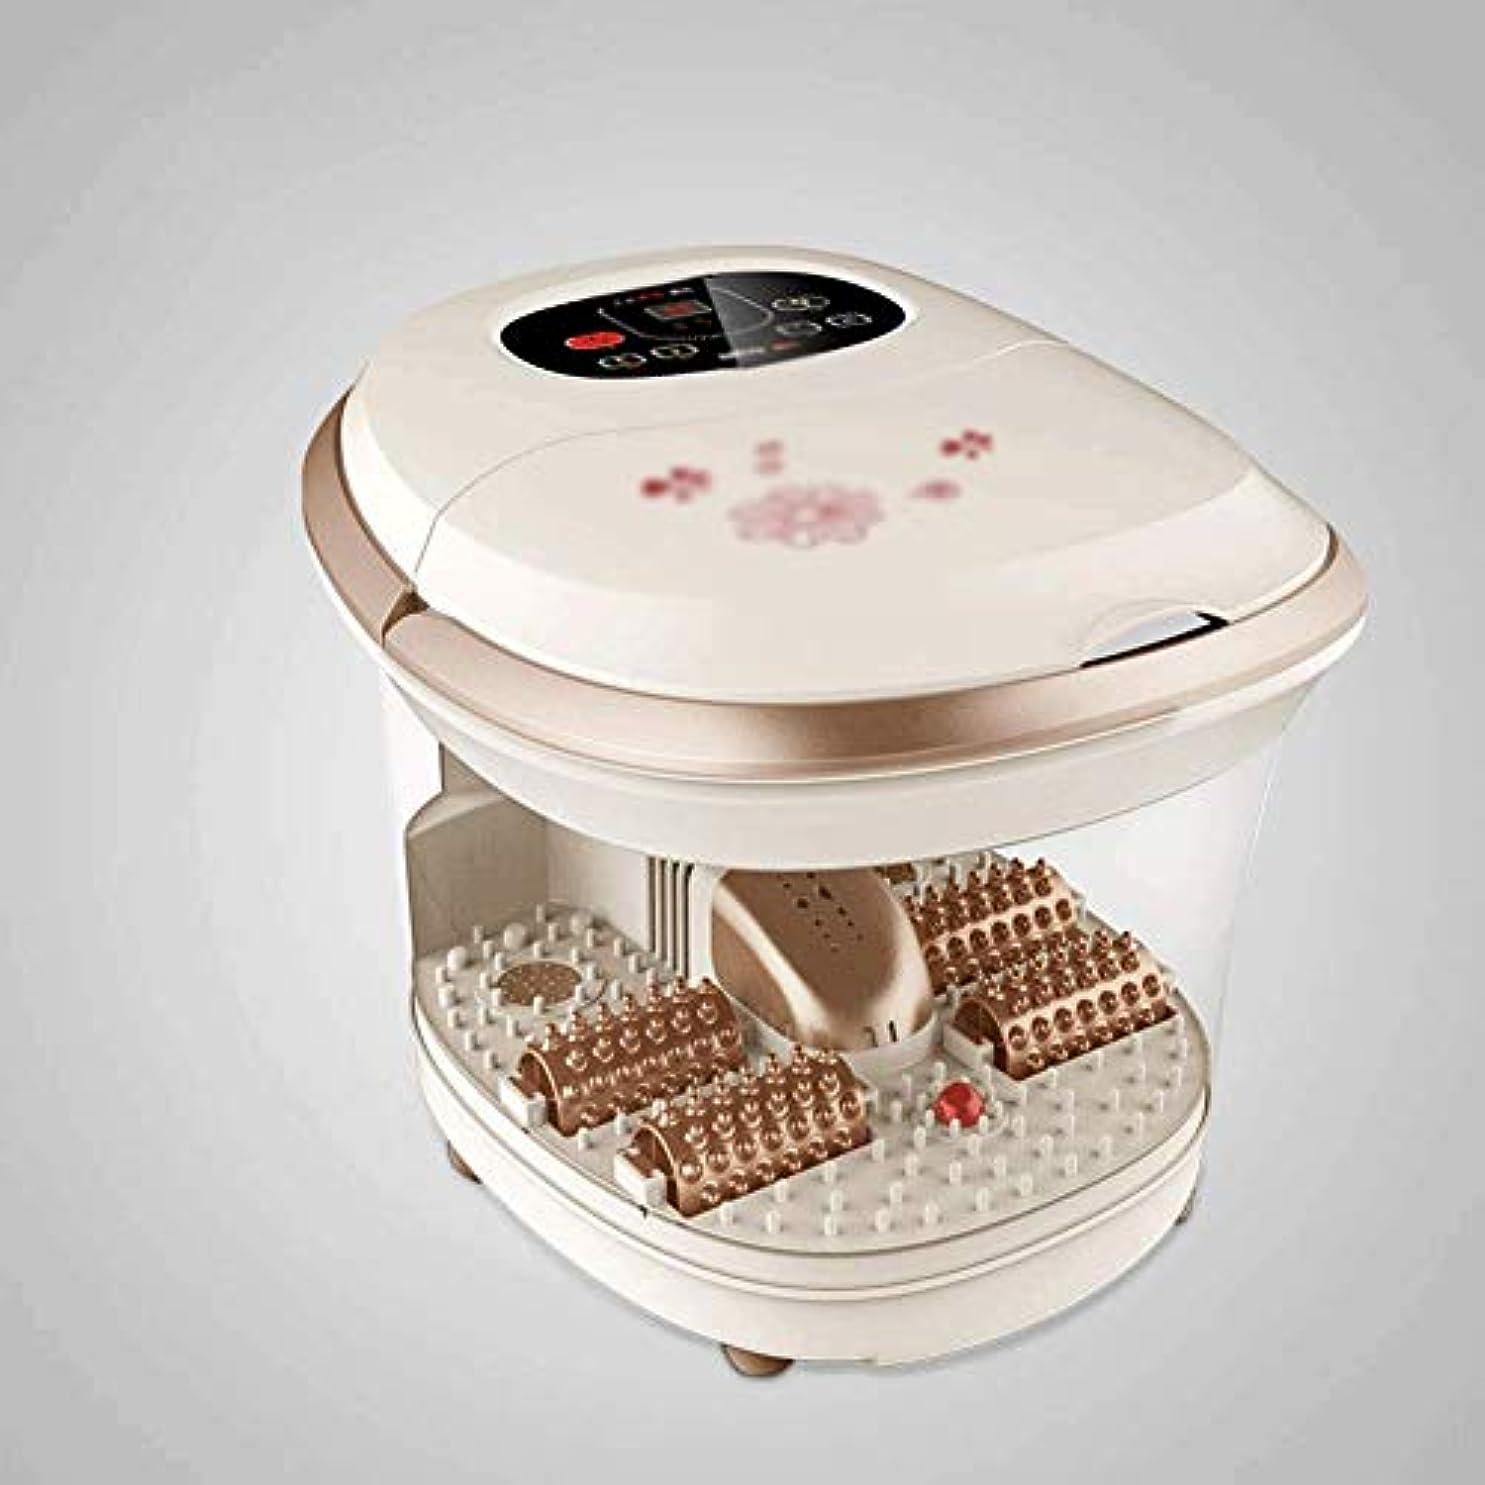 支配的アーティファクトトリクルLEIGE Foot Spa Massager - スーパーファストヒーティングシステム、4つの電動マッサージローラー、ささやきの静かな